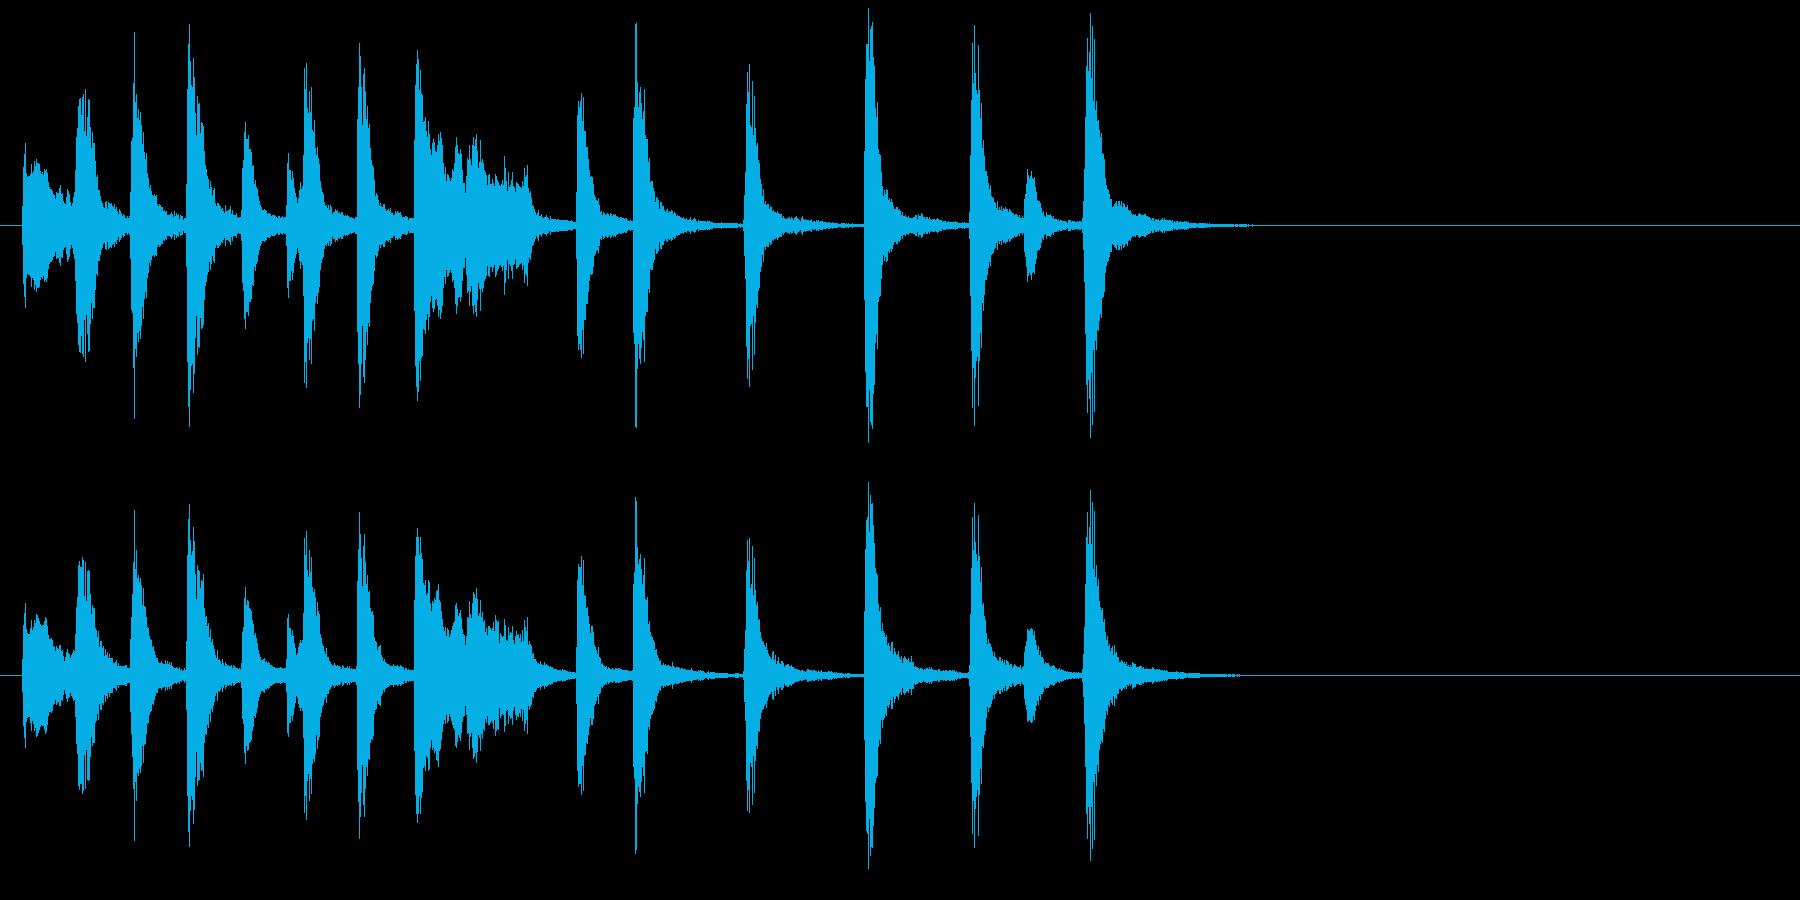 ピアノの明るくほのぼのとしたジングルの再生済みの波形